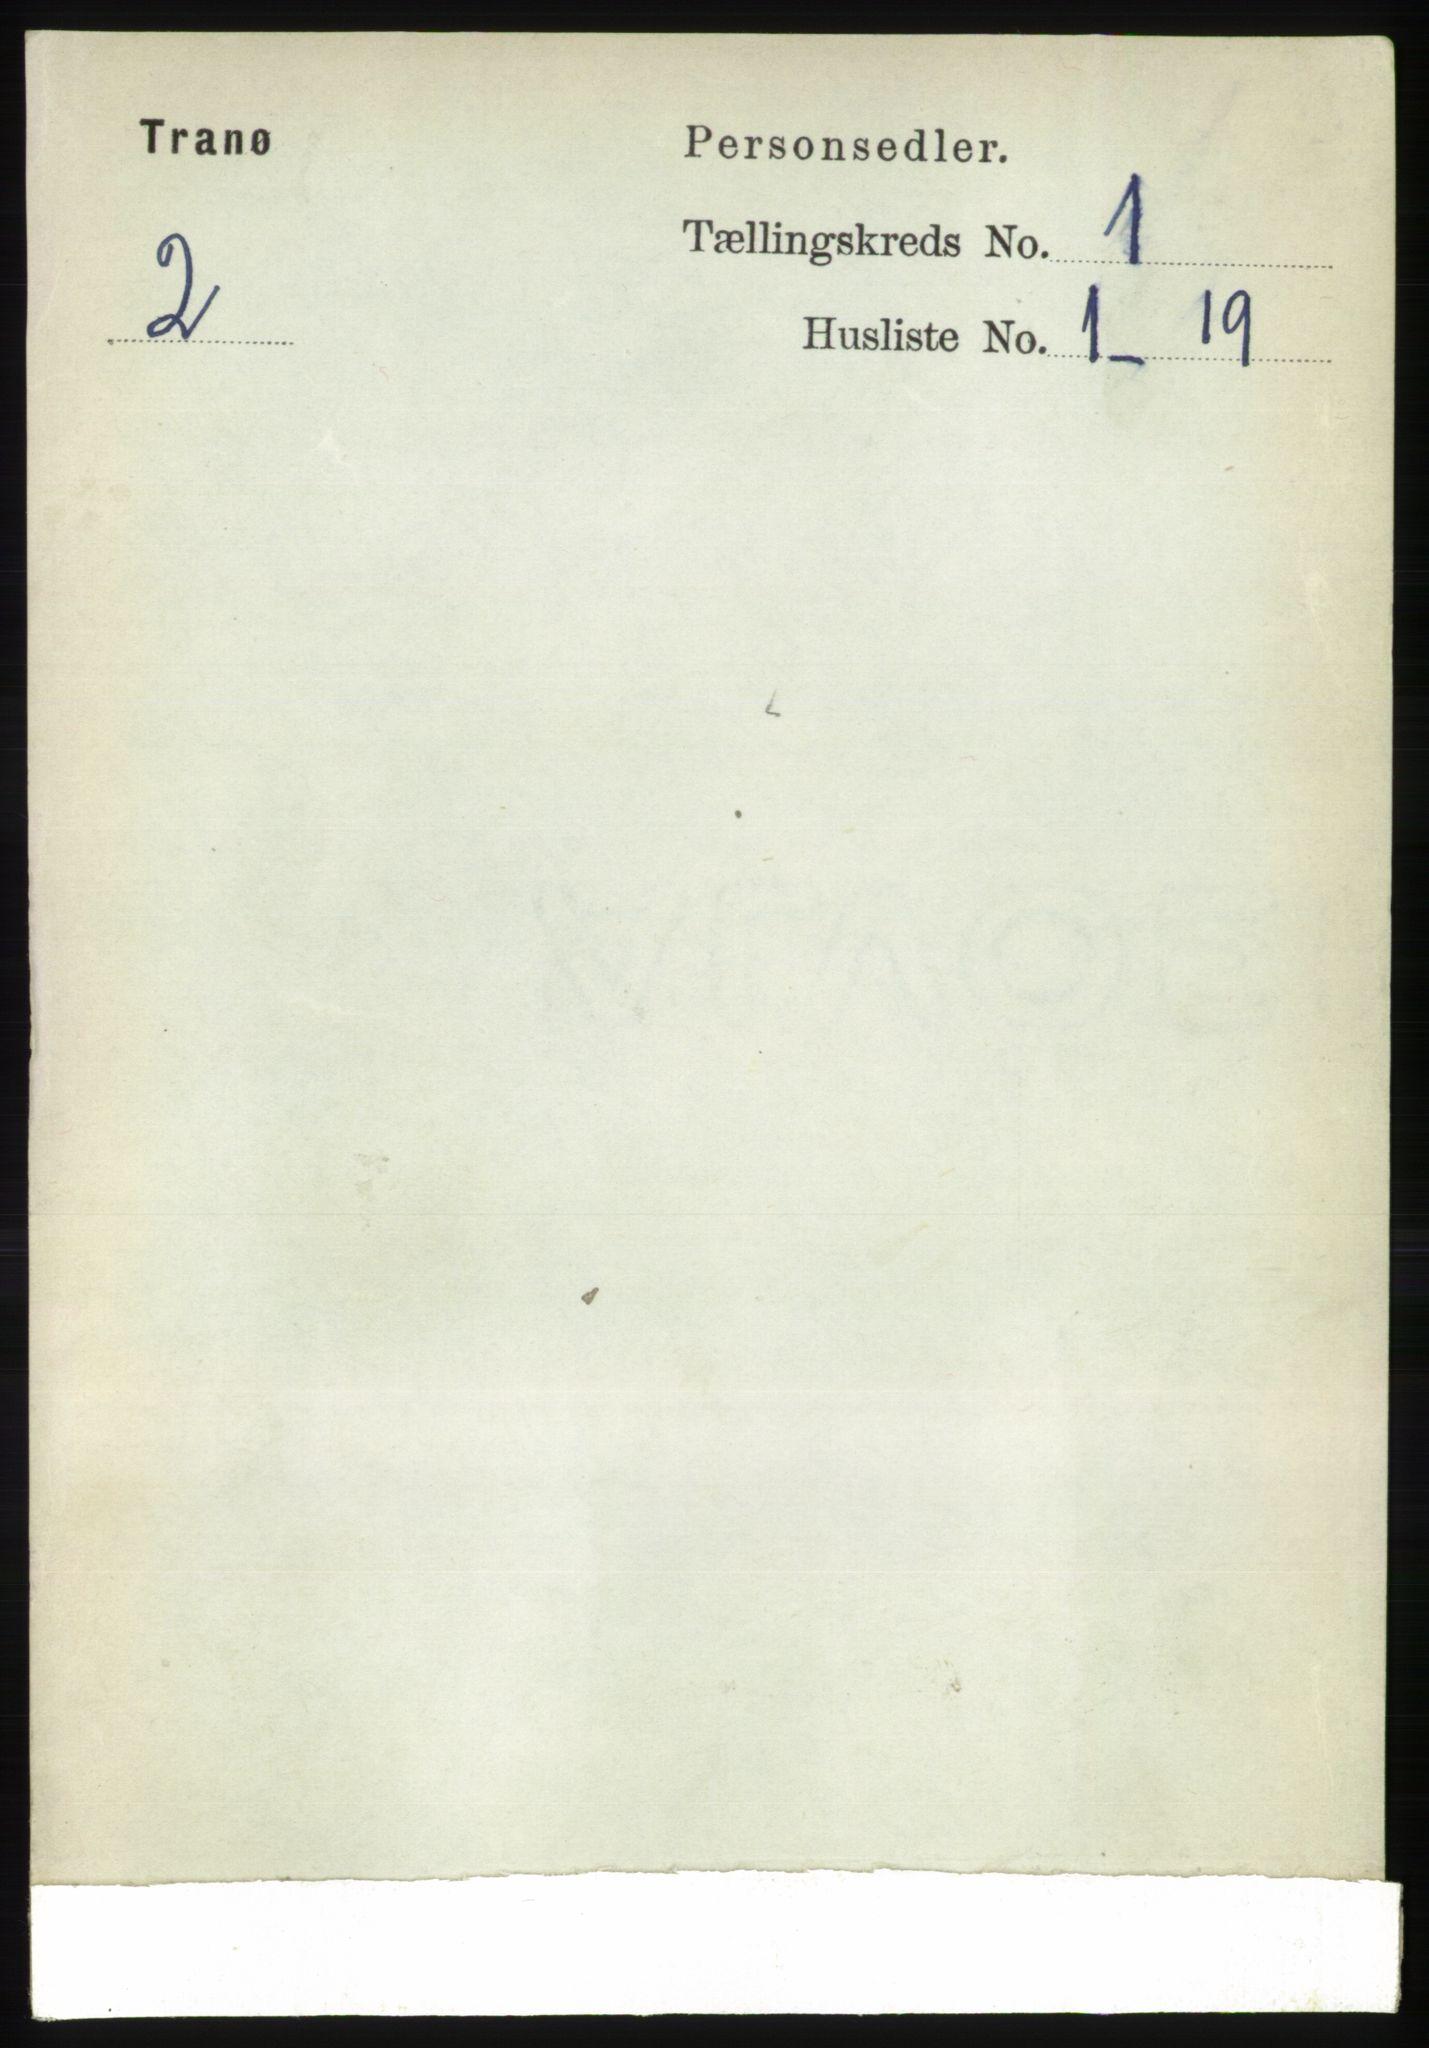 RA, Folketelling 1891 for 1927 Tranøy herred, 1891, s. 66